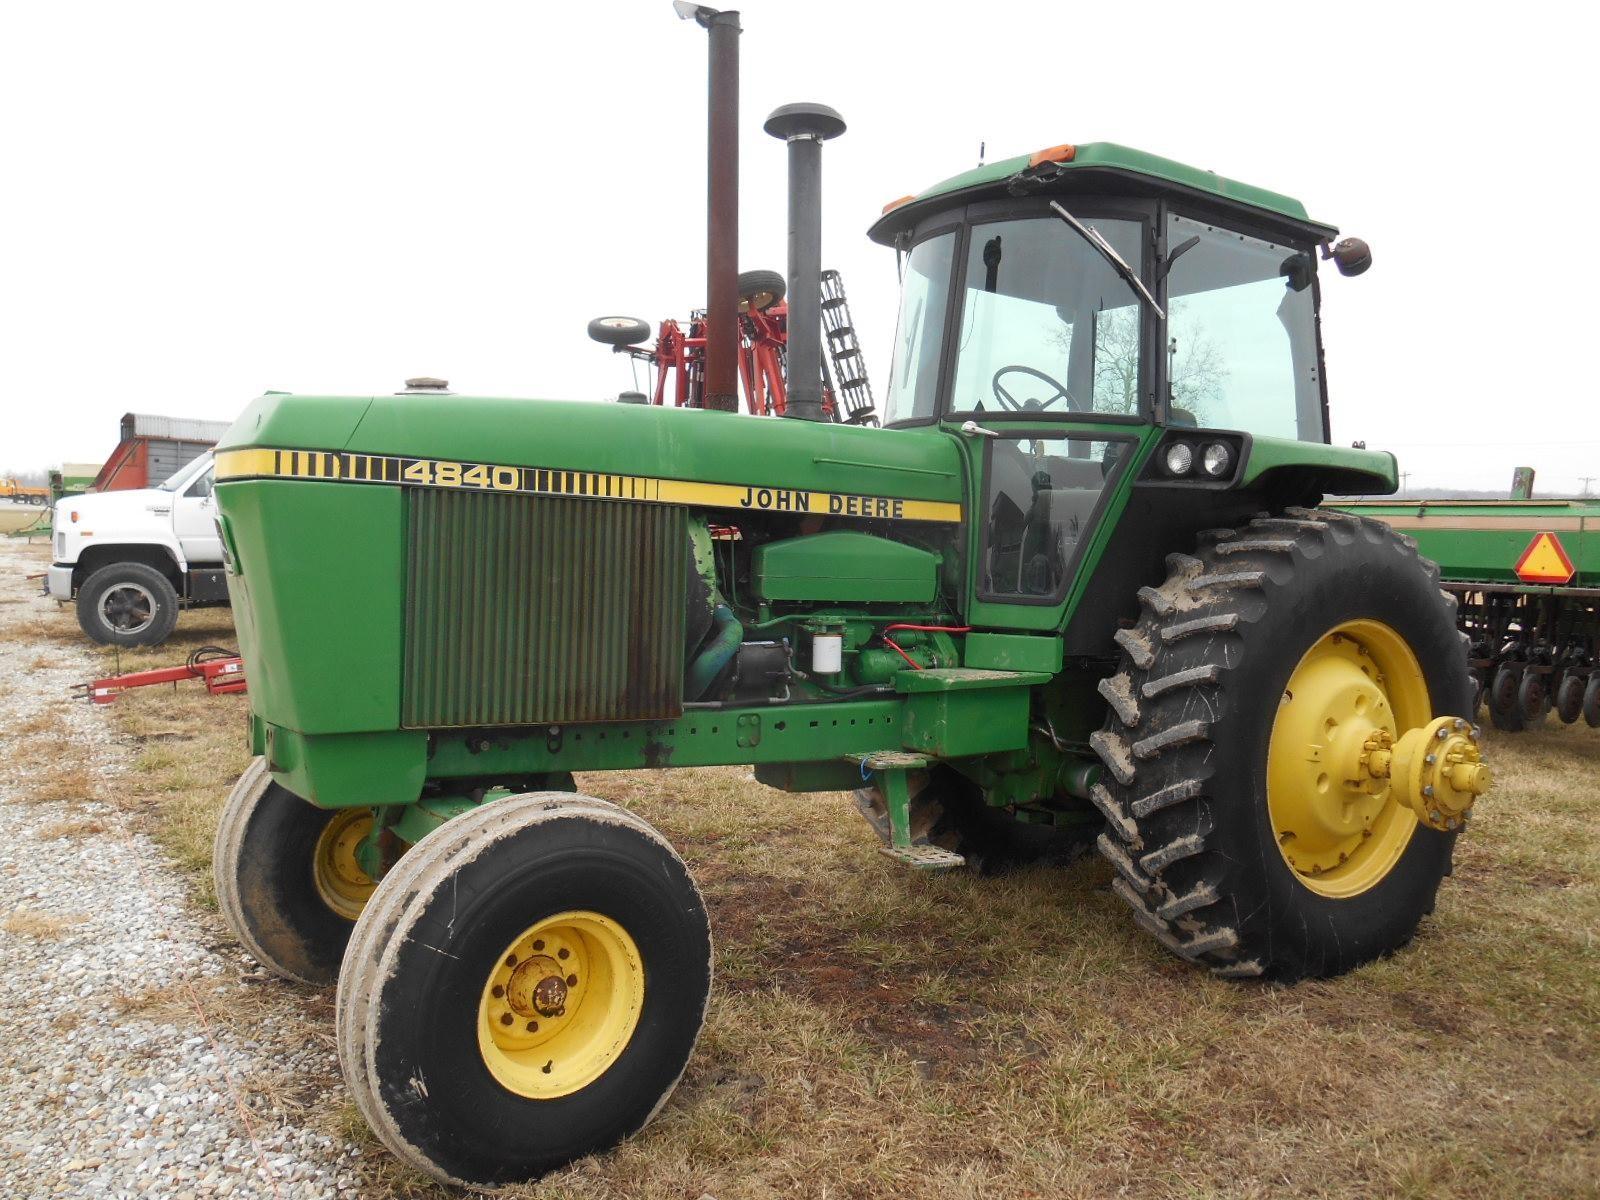 John Deere 4840 : Wisconsin ag connection john deere tractors for sale